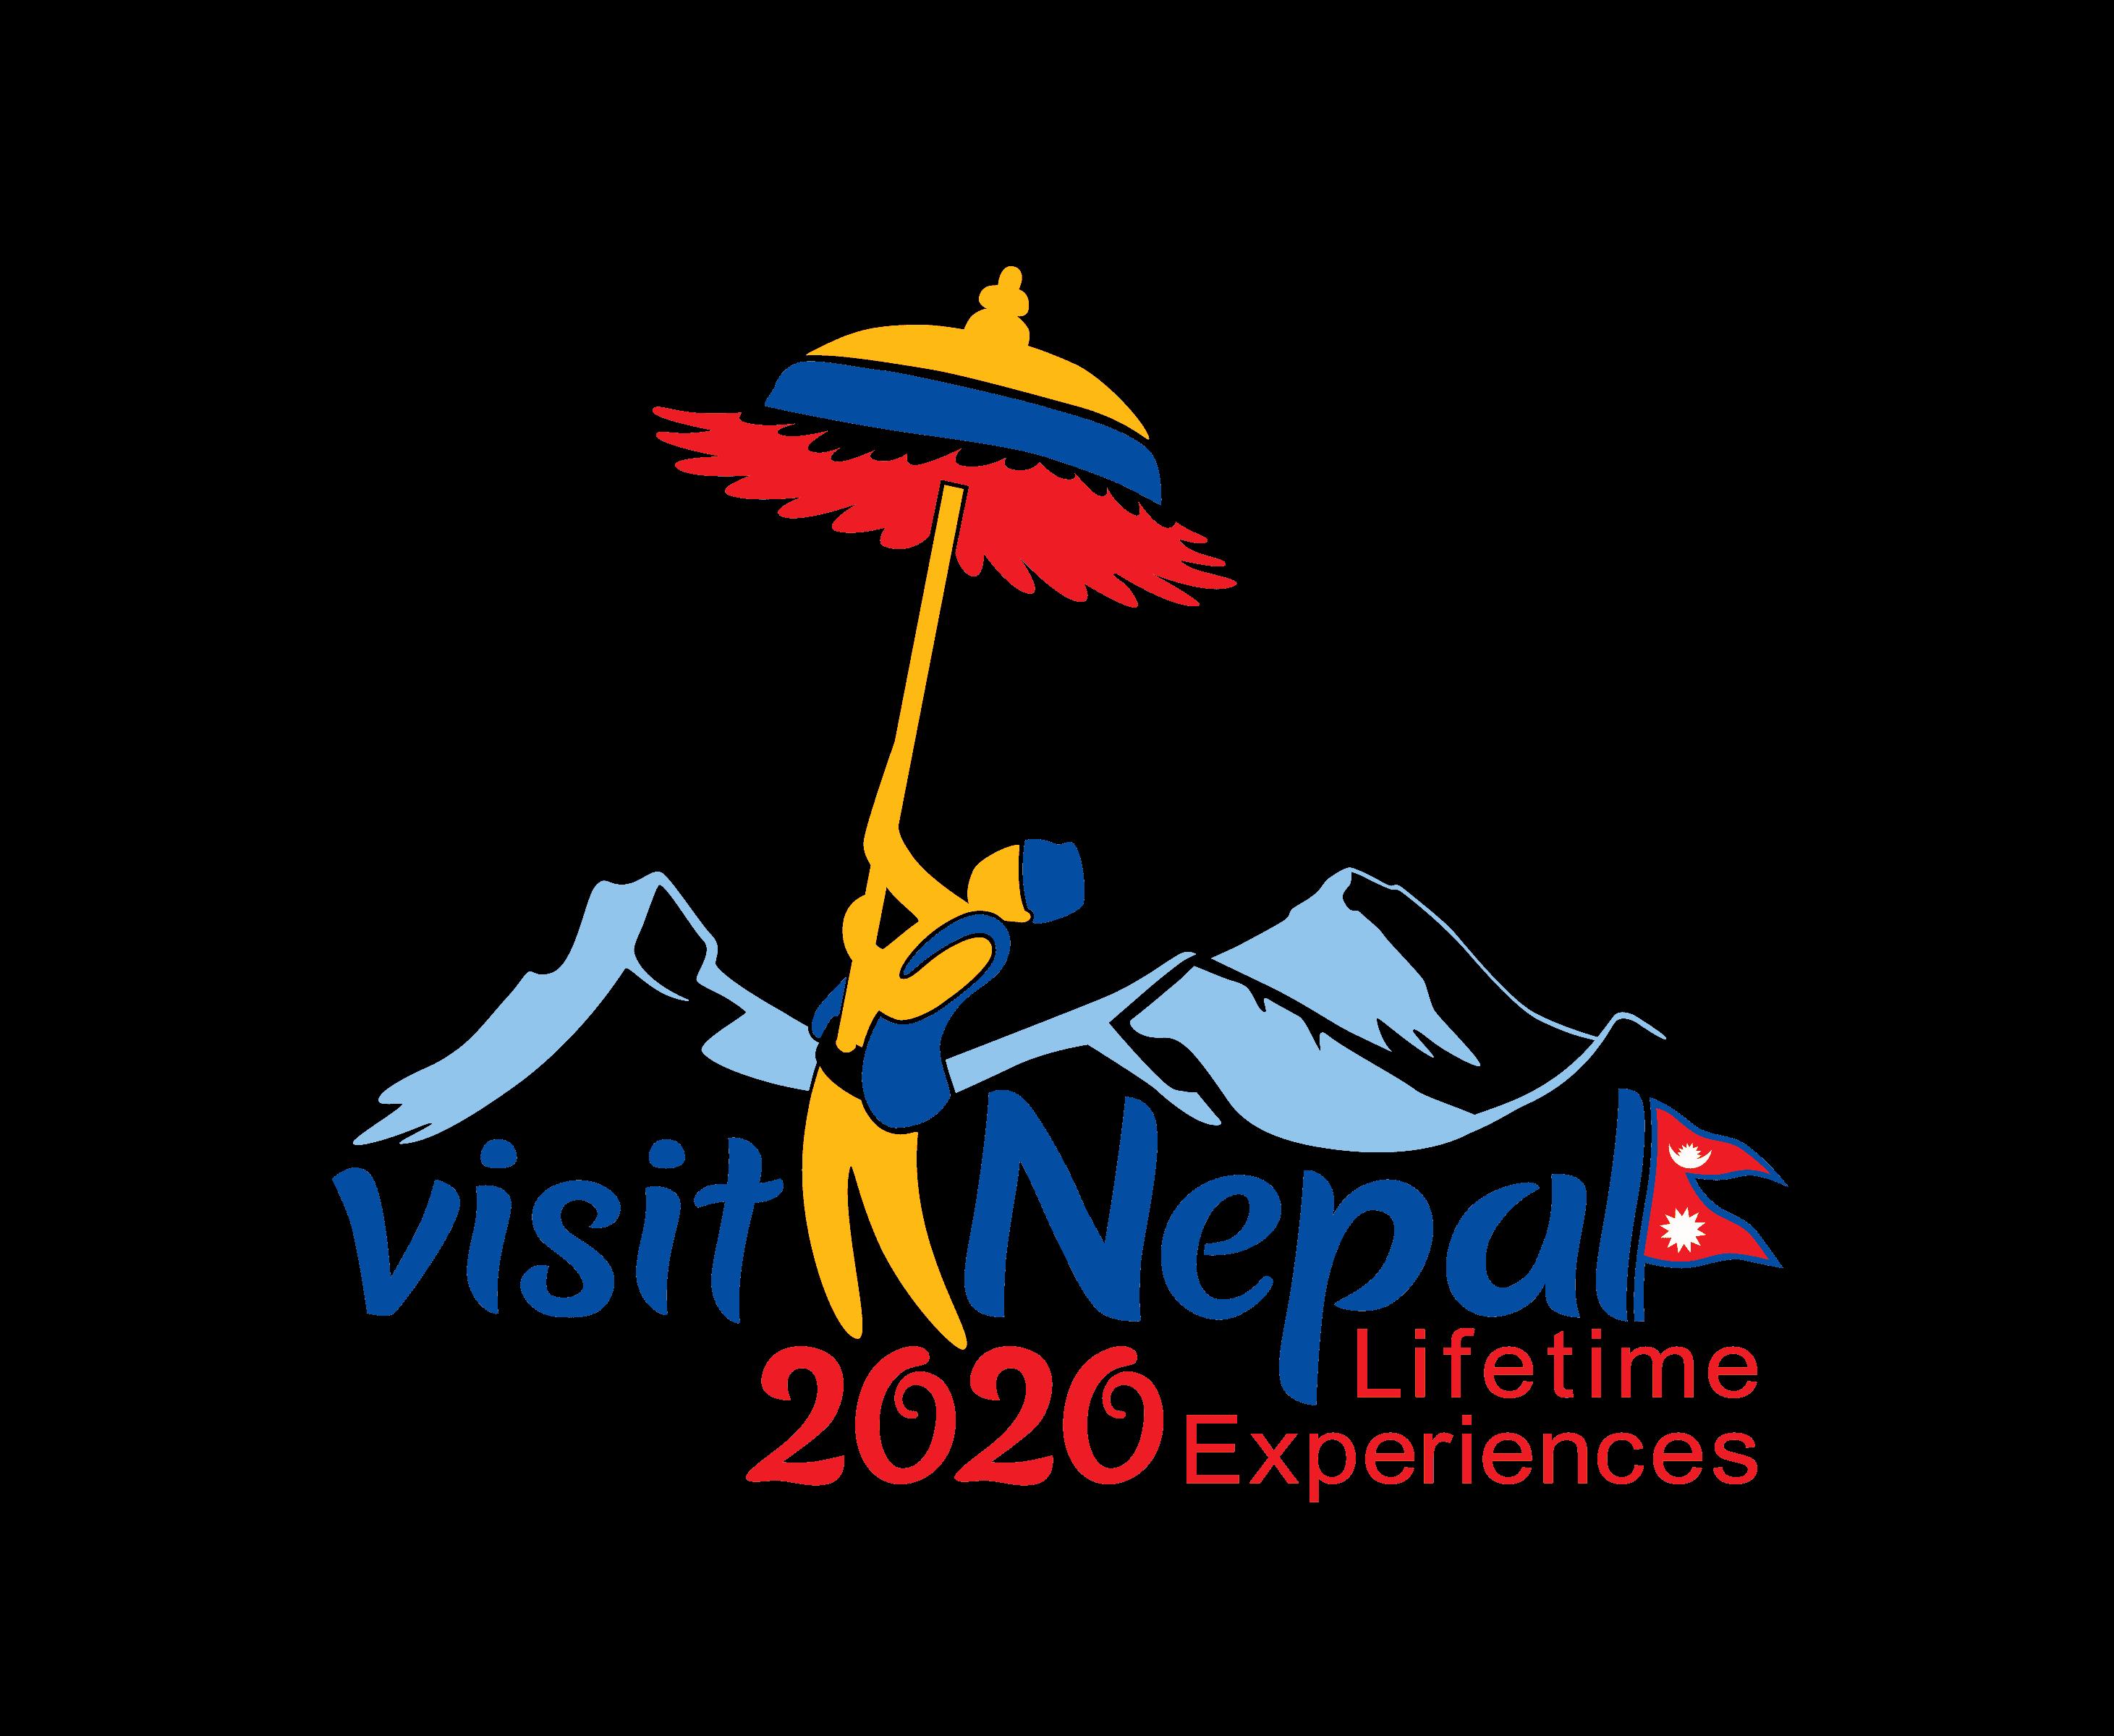 Visit Nepal Year, 2020